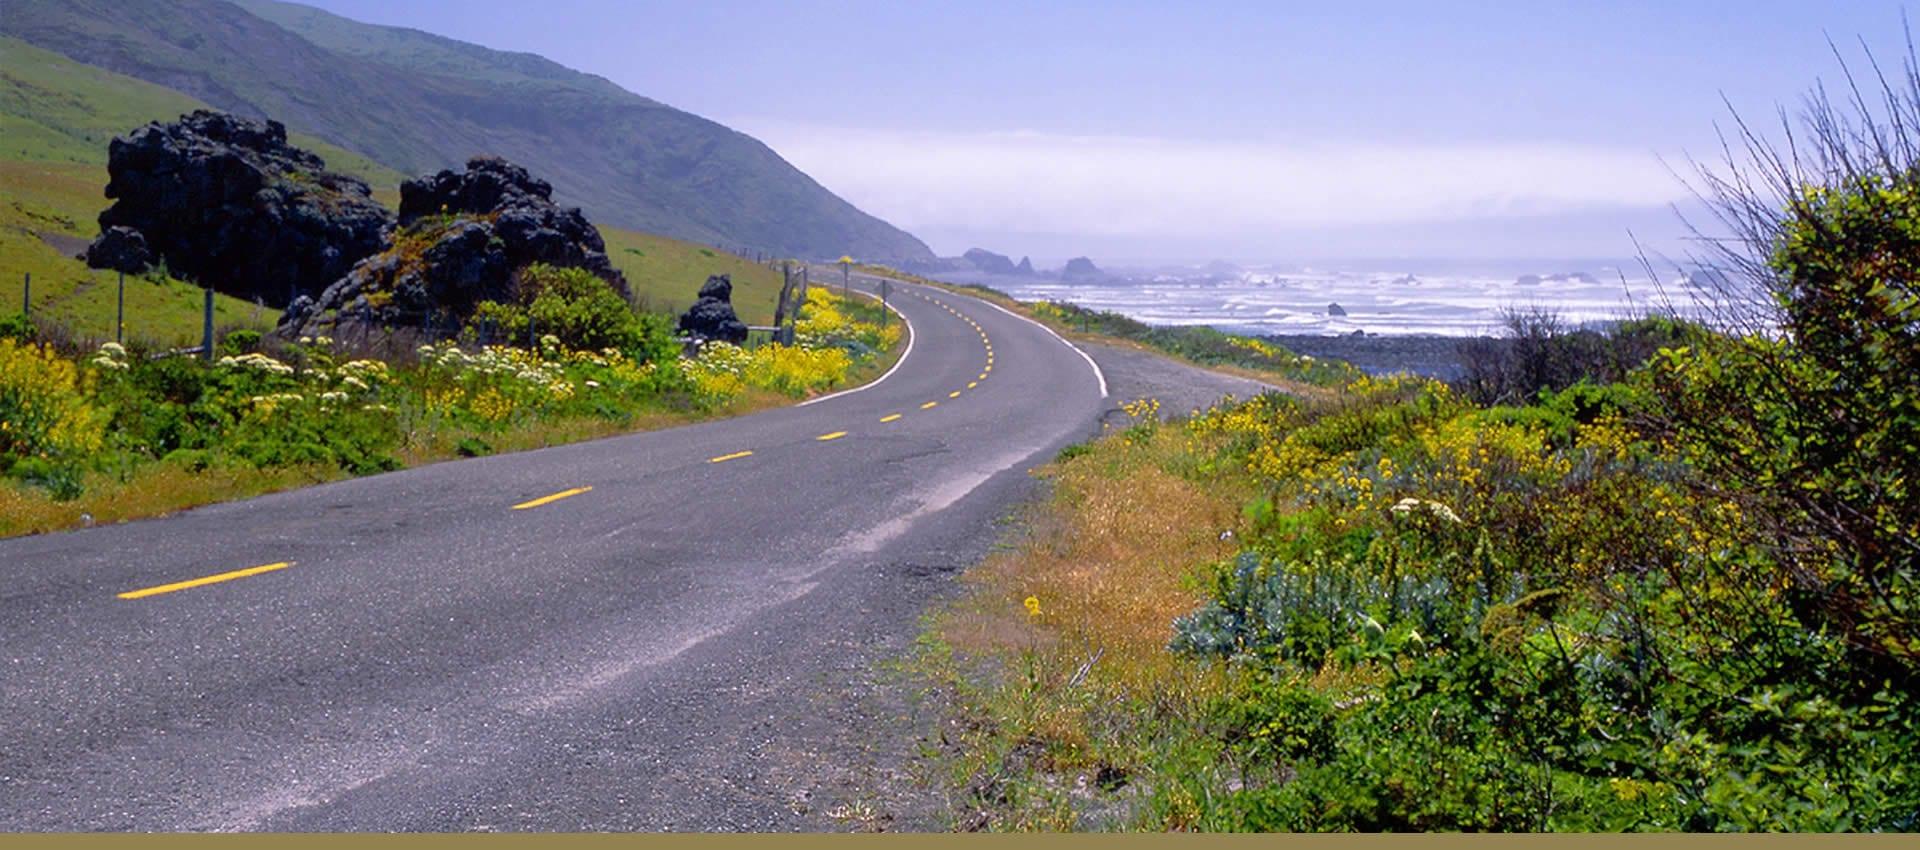 Northern California coastal highway